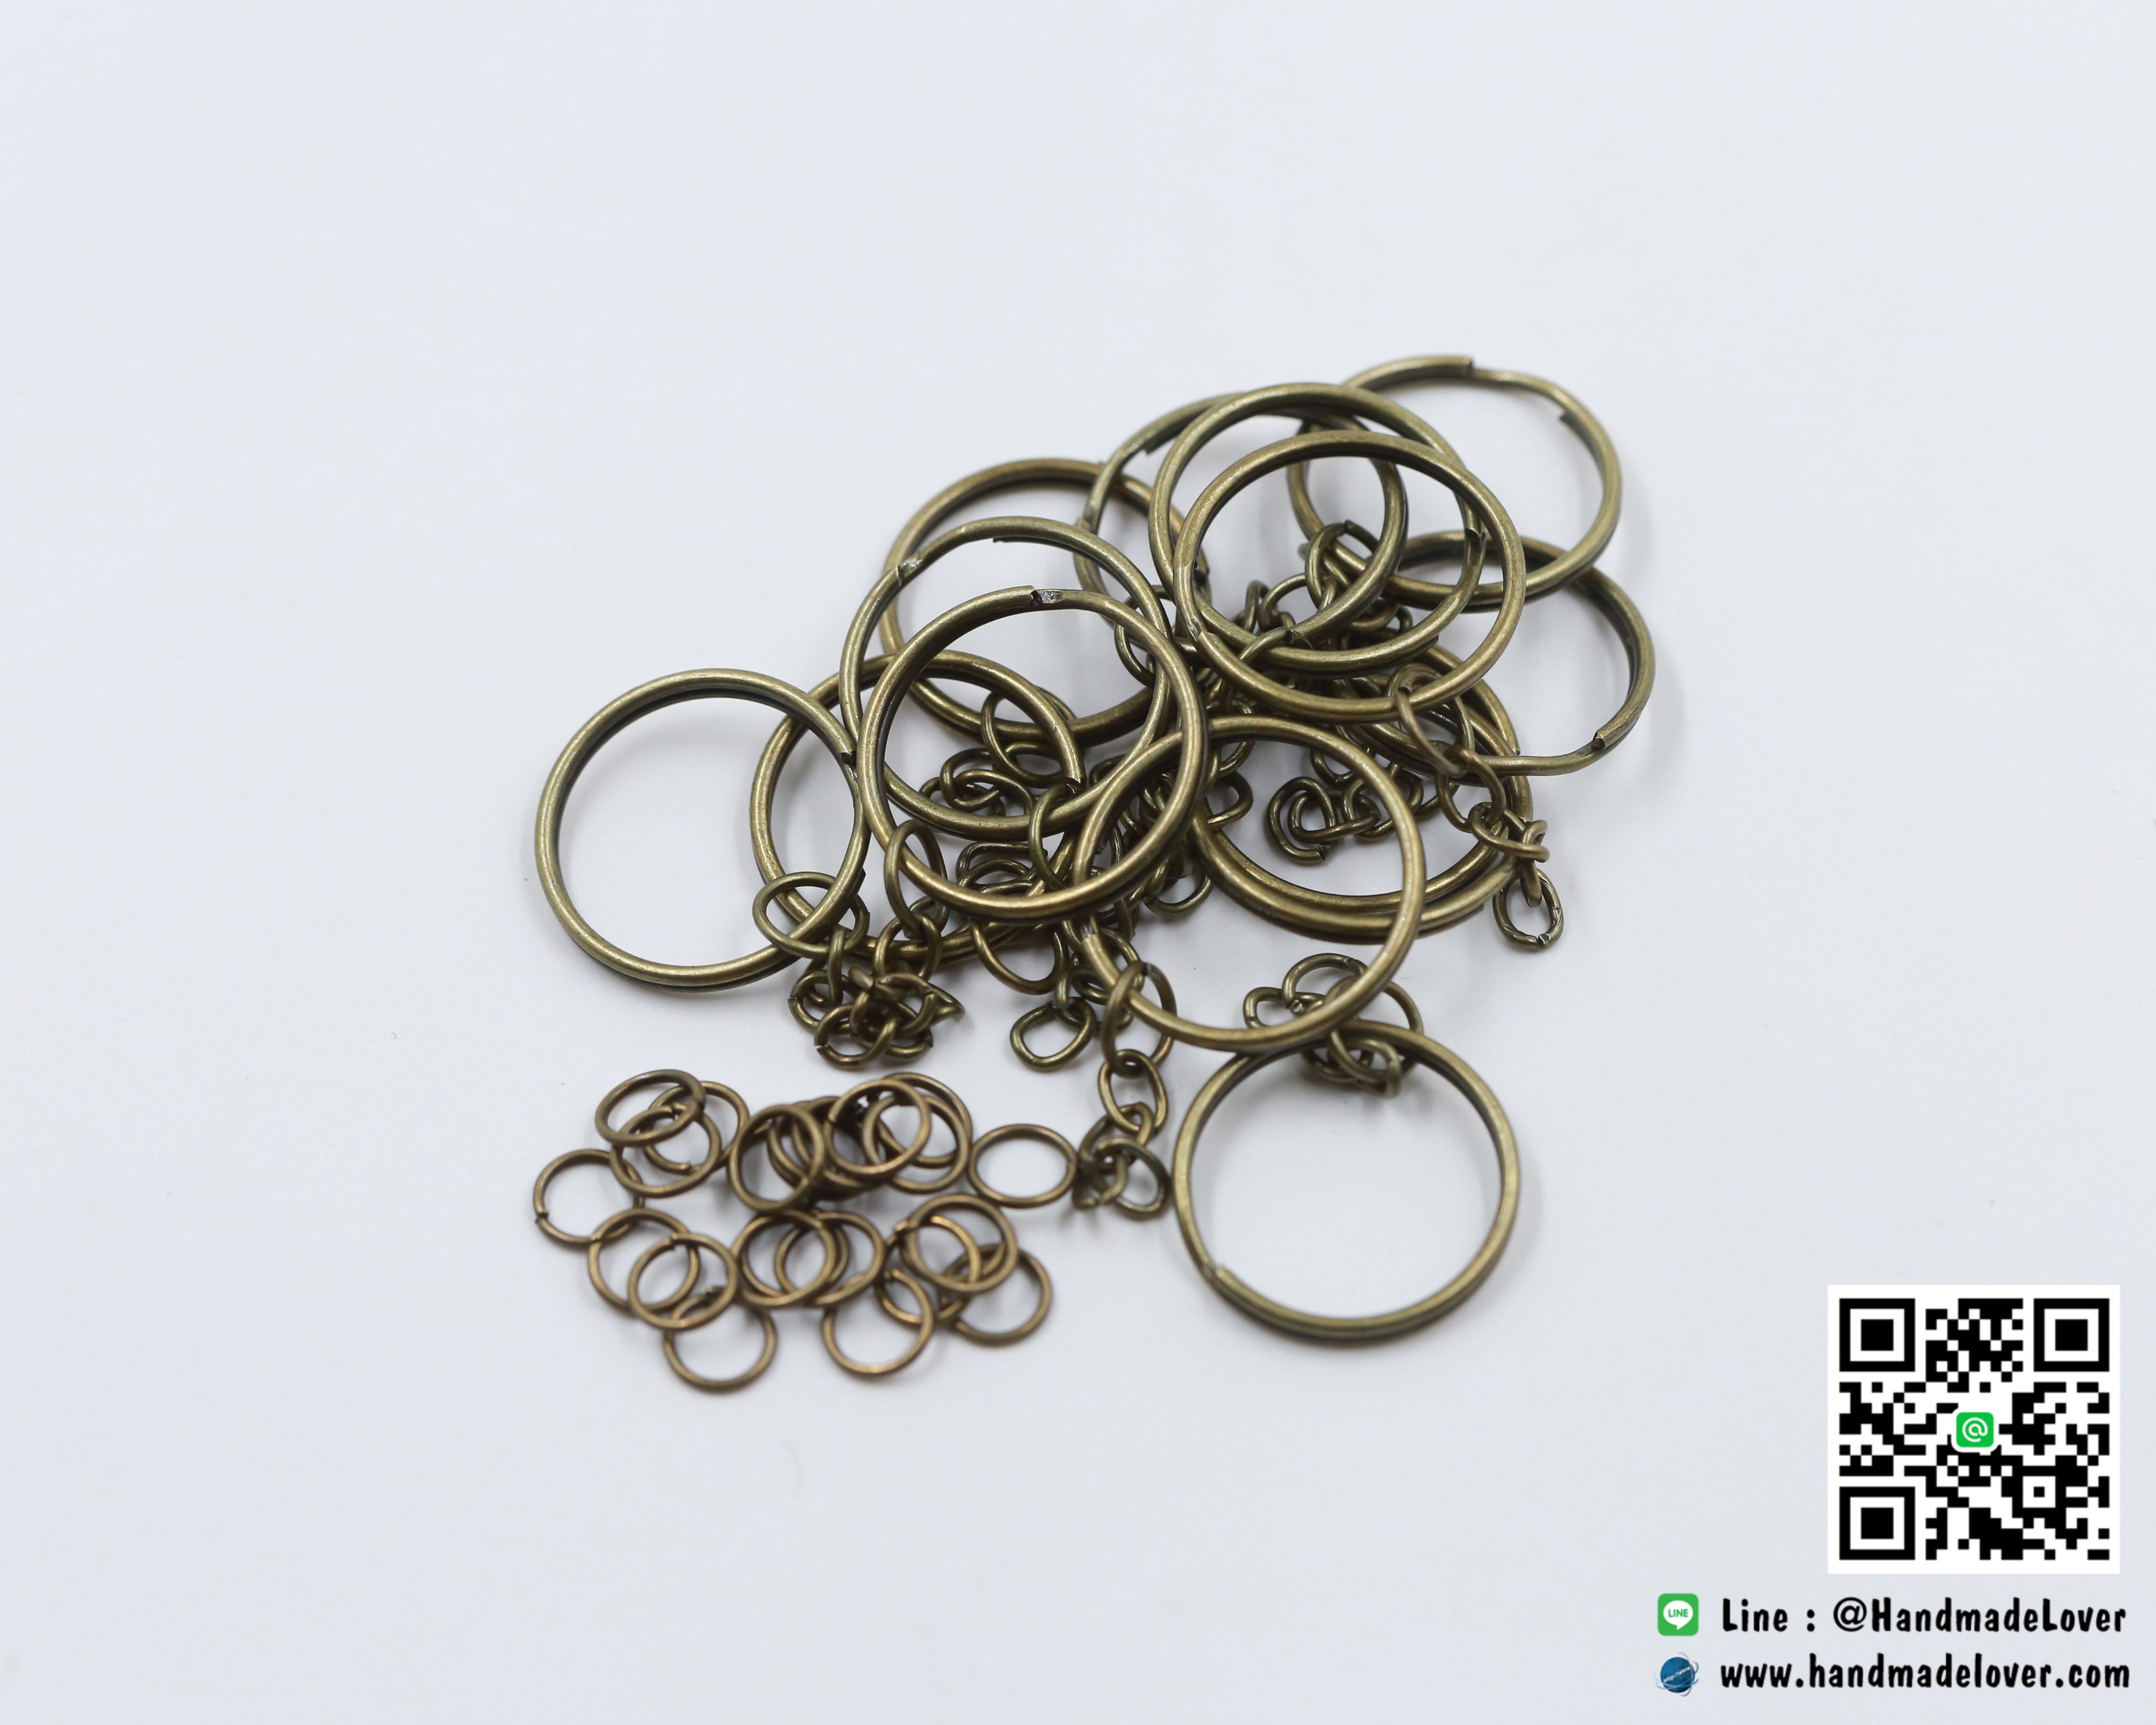 พวงกุญแจ สีทองรมดำ 2.4 ซม.